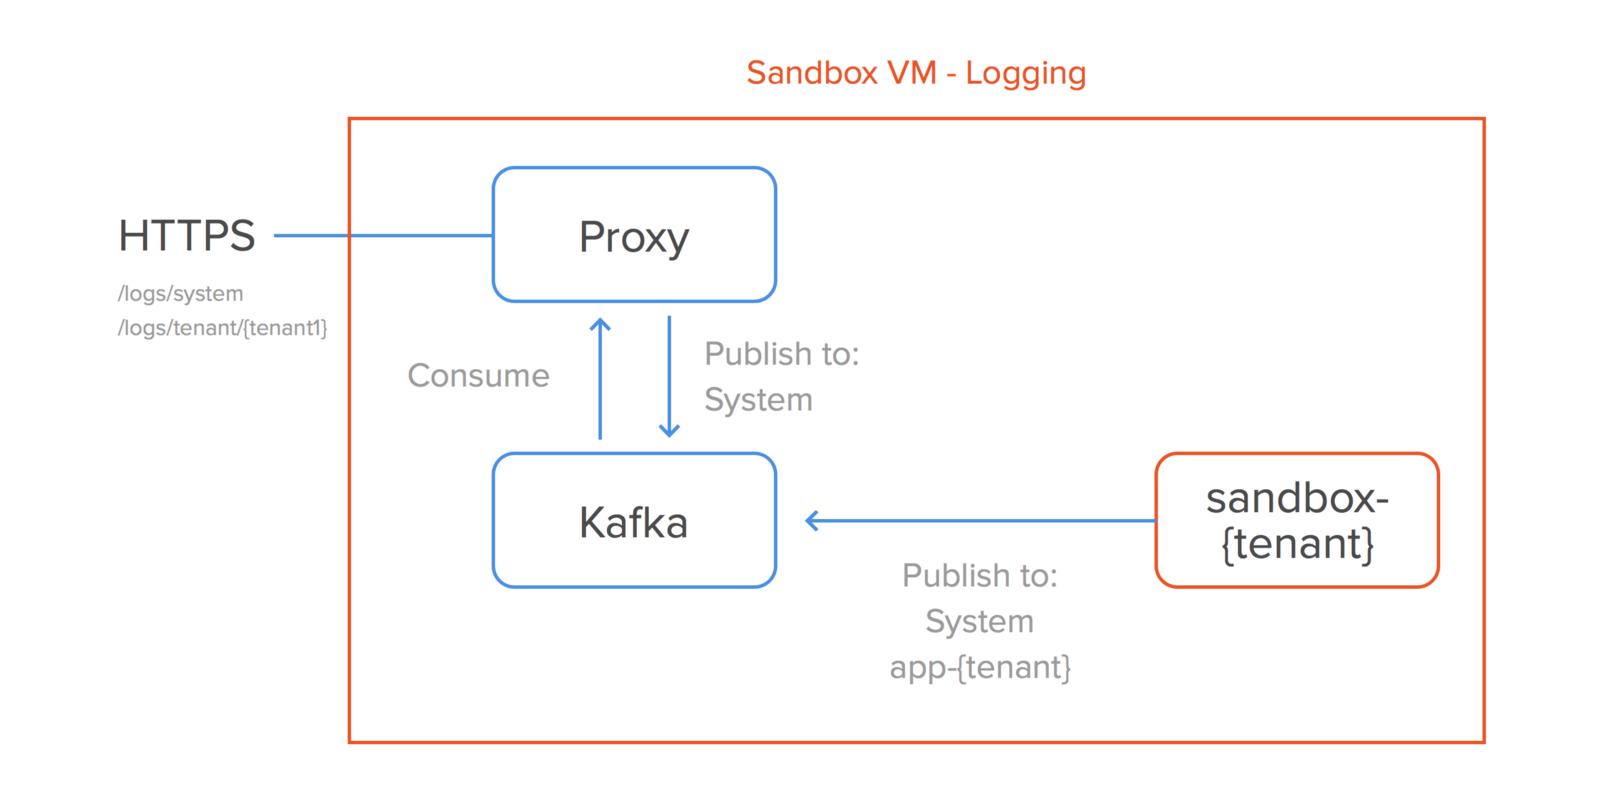 HTTP sandbox VM logging